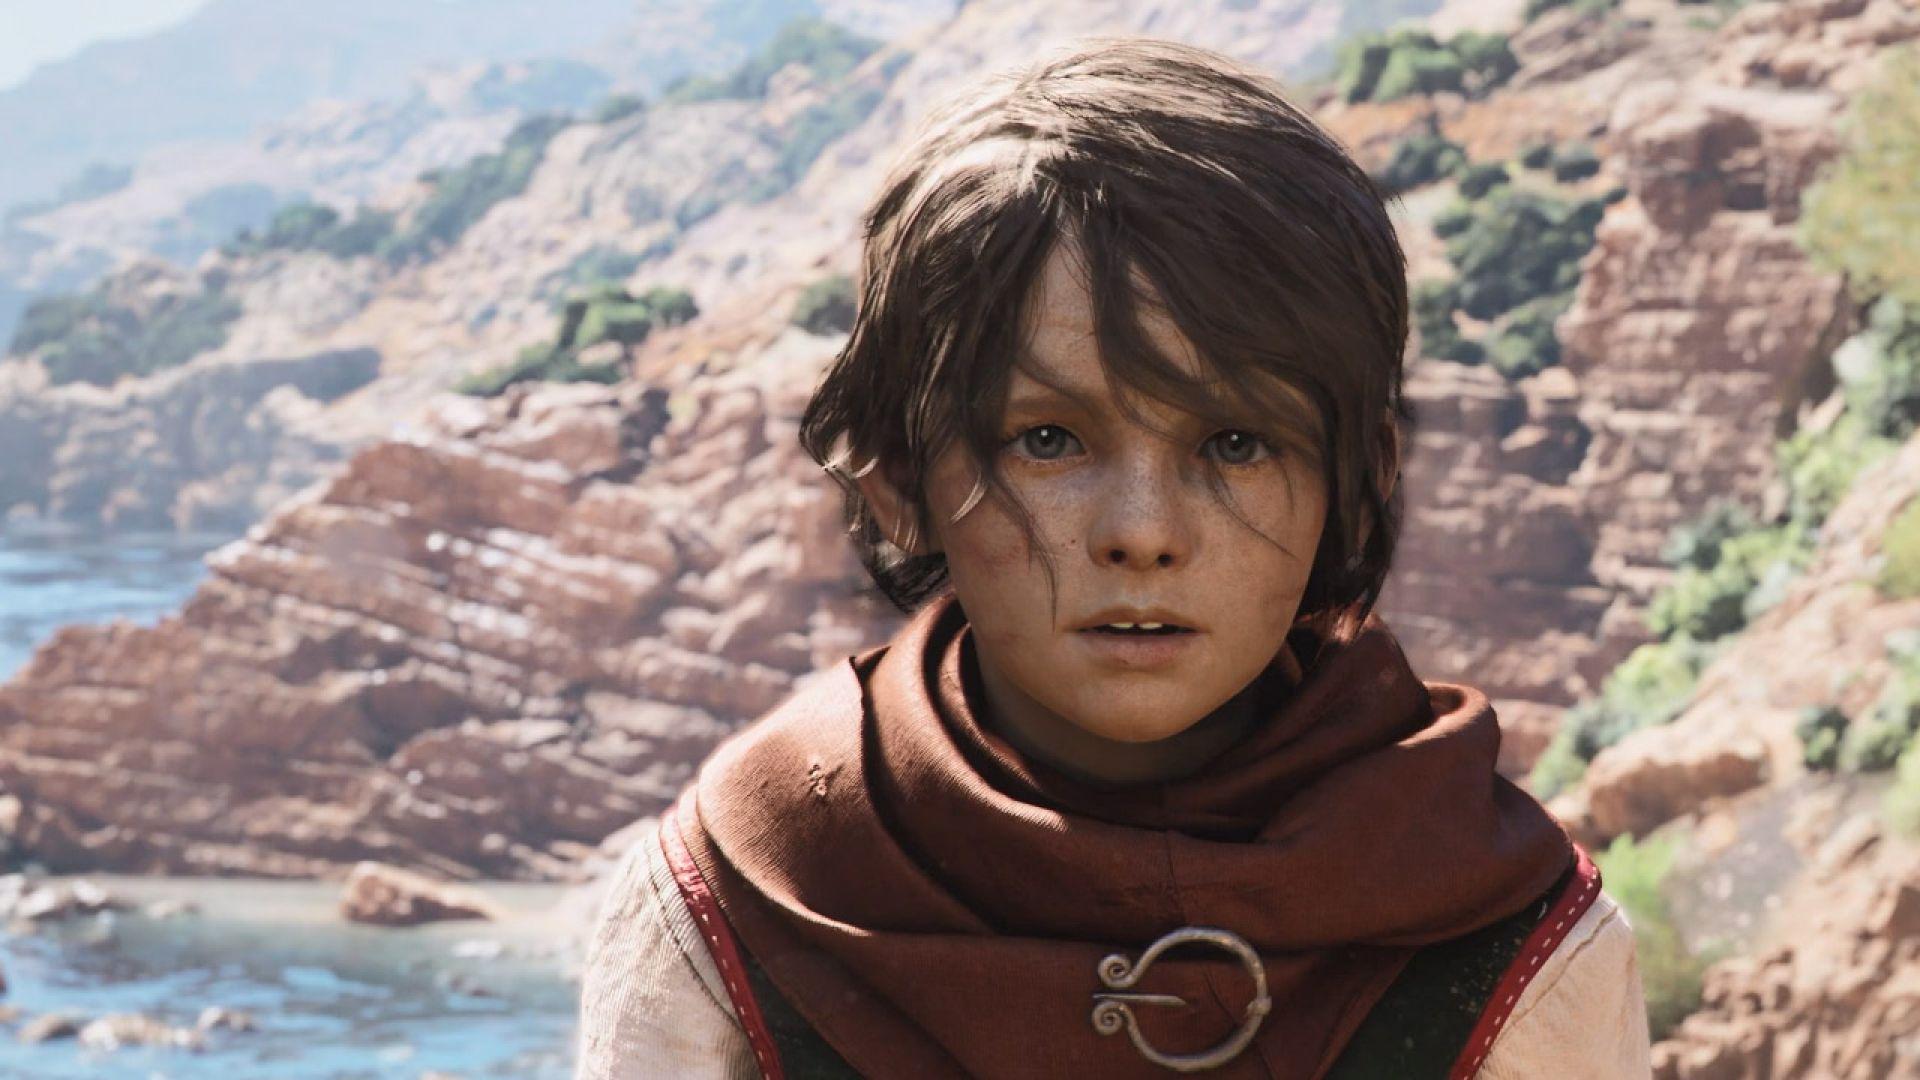 نمایشگاه E3 2021: از بازی A Plague Tale: Requiem رونمایی شد